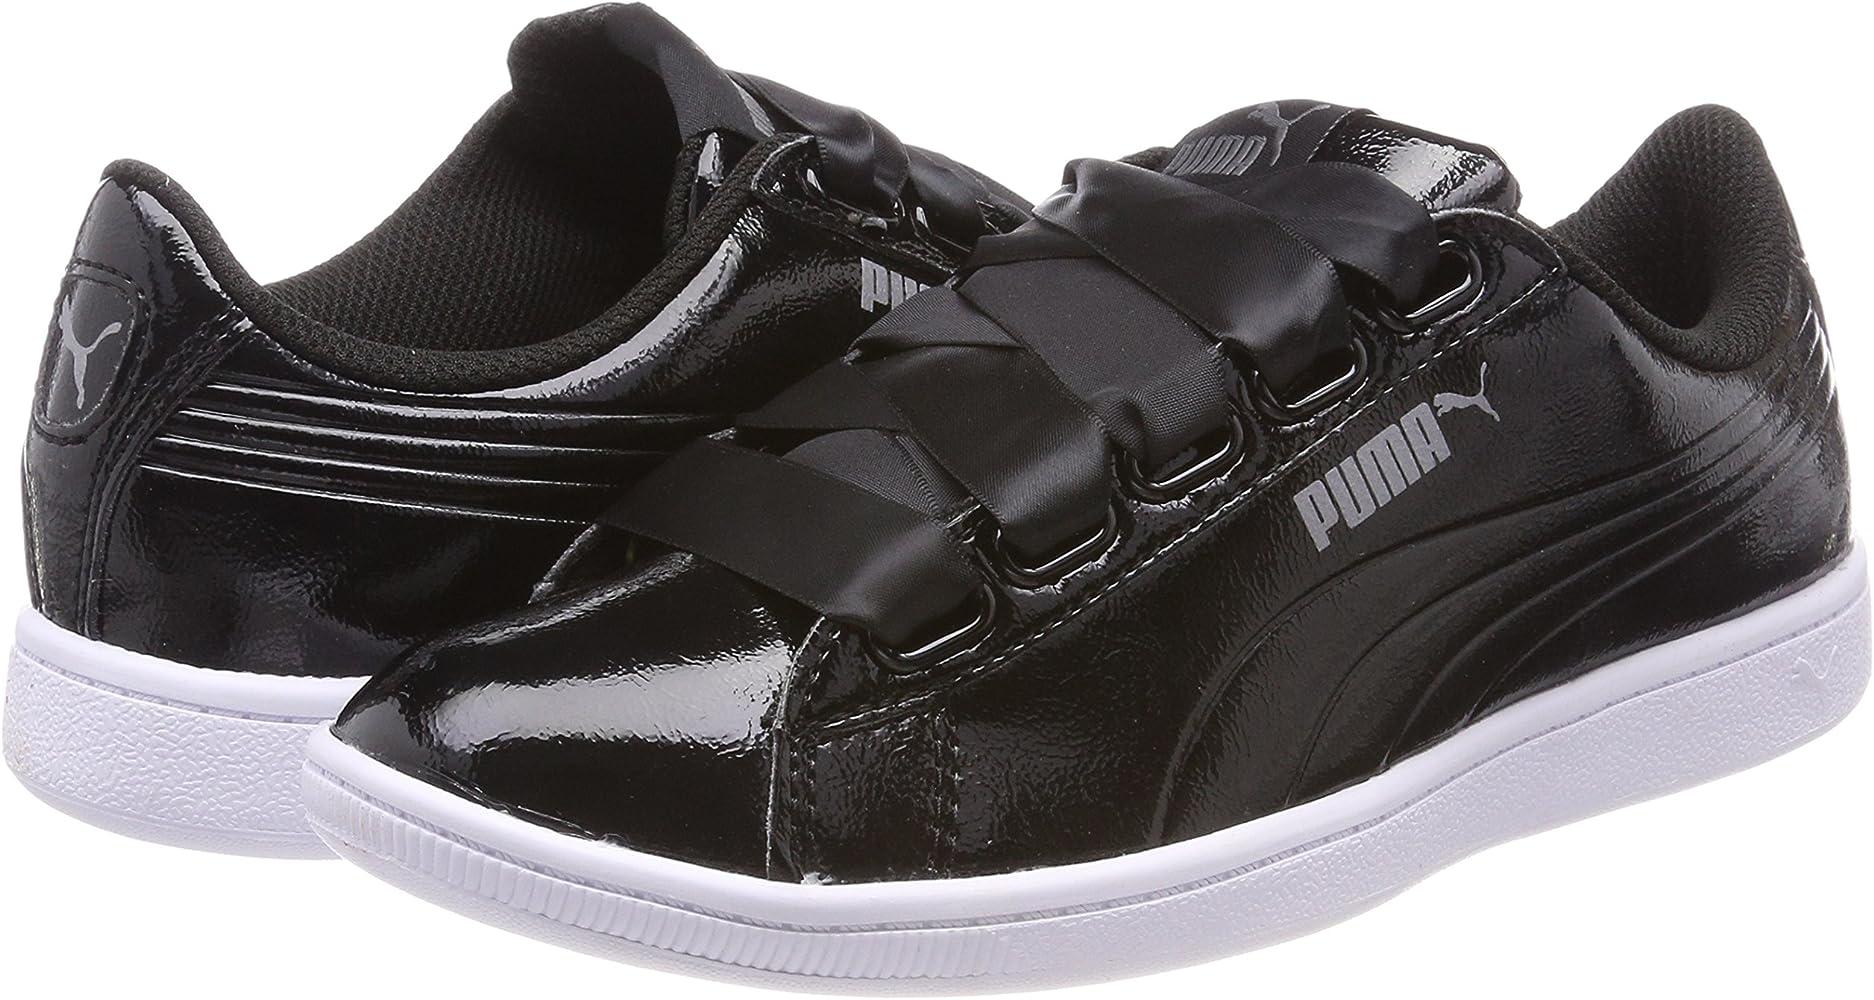 Puma Women's Vikky Ribbon Black Sneakers 7 UKIndia (40.5 EU